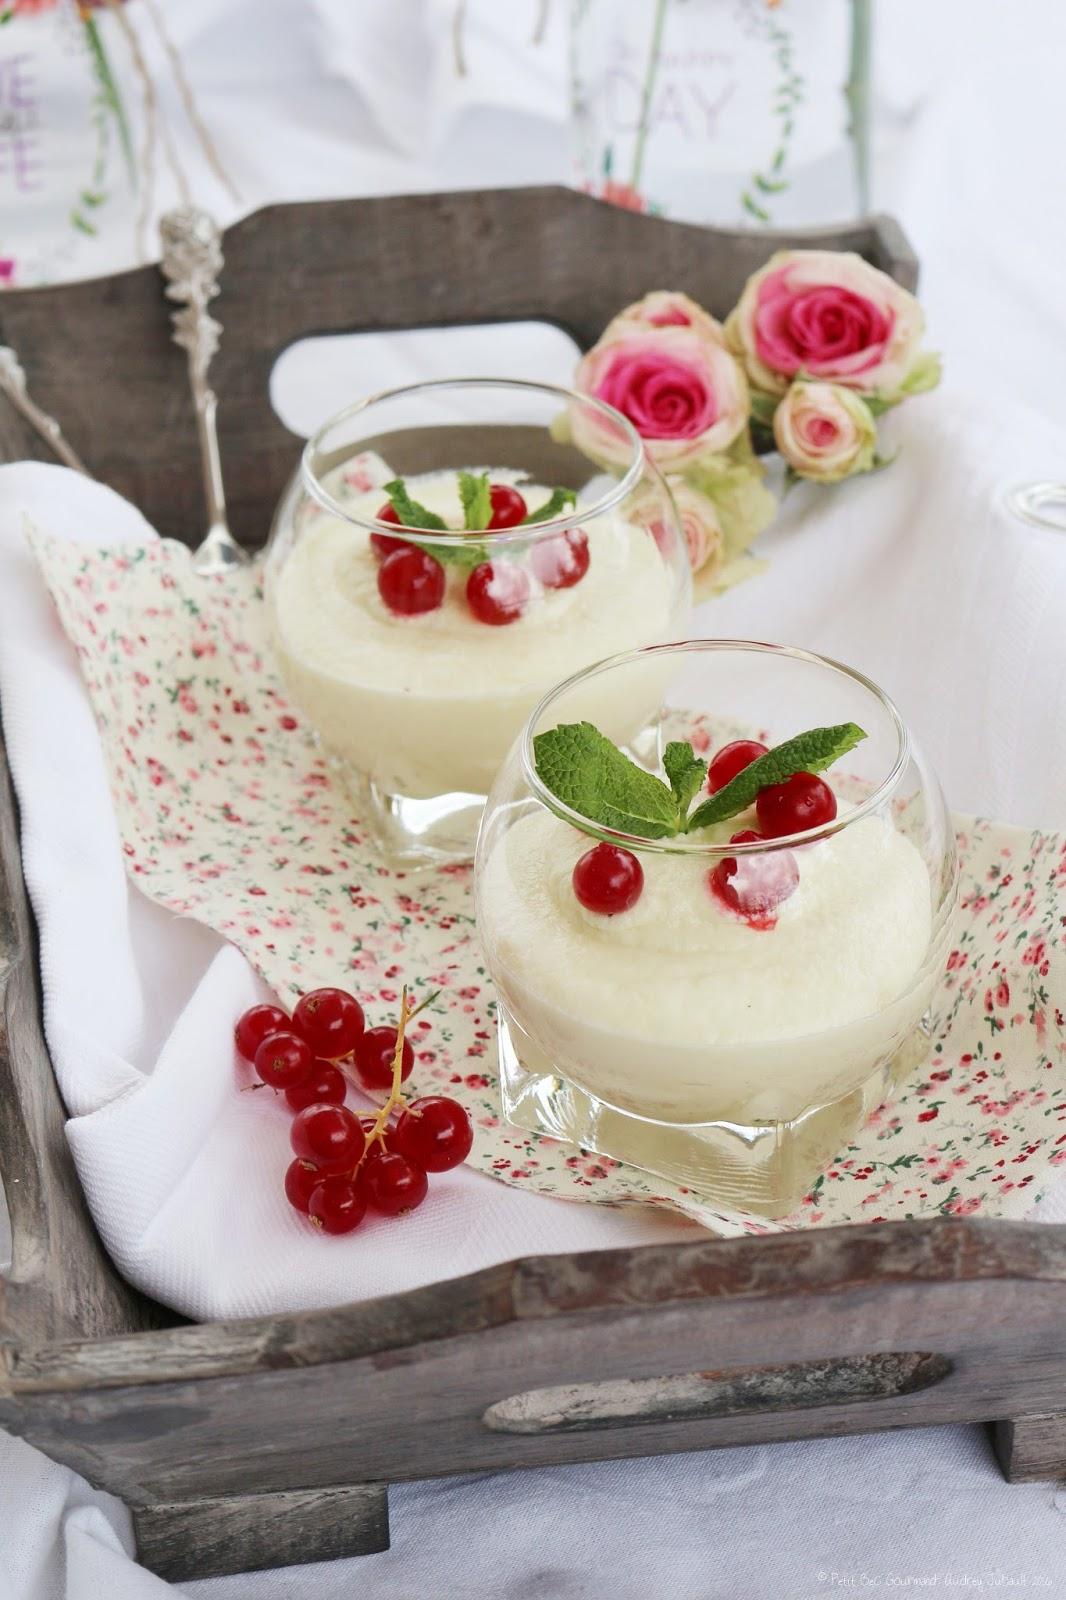 mousse au chocolat blanc amandes petit bec gourmand. Black Bedroom Furniture Sets. Home Design Ideas